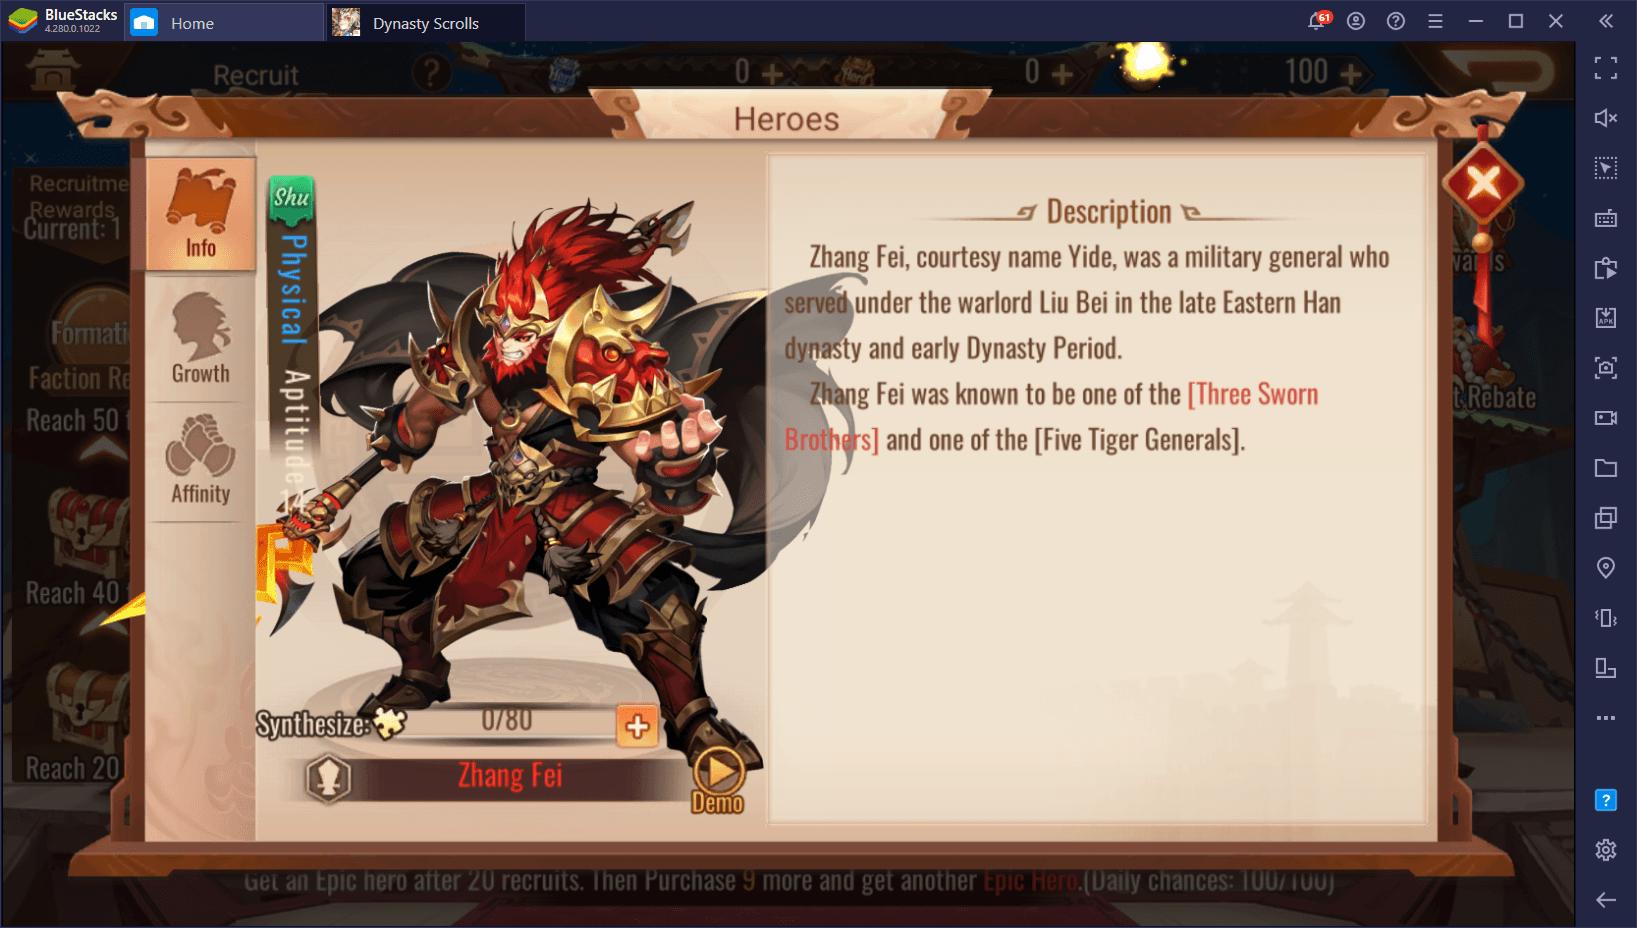 Os 5 melhores personagens de Dynasty Scrolls